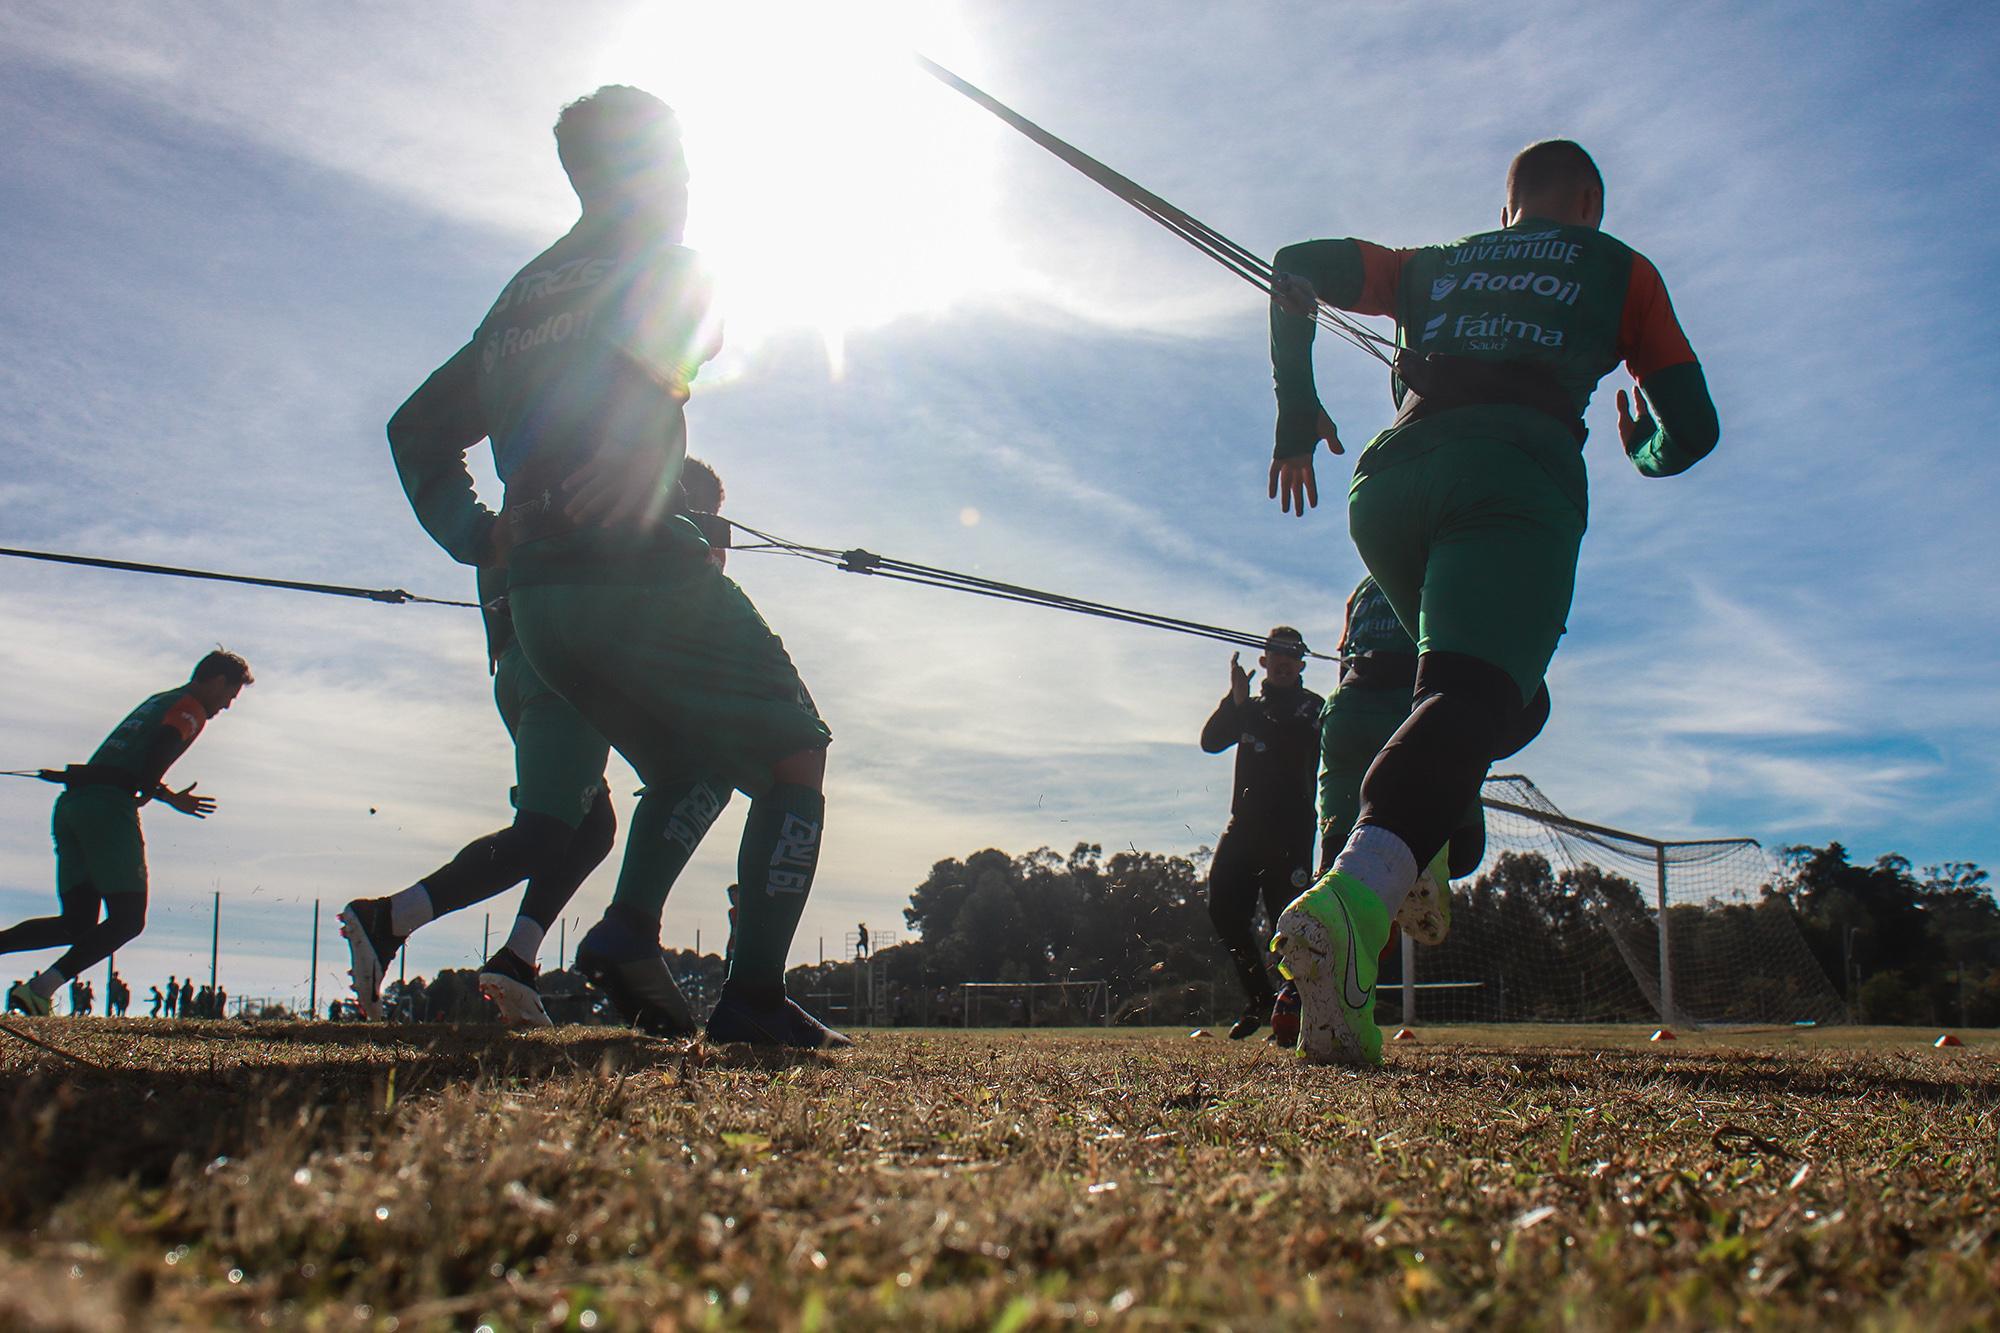 Refinaria de Atletas – 1ª edição do processo seletivo para o futebol masculino 2021